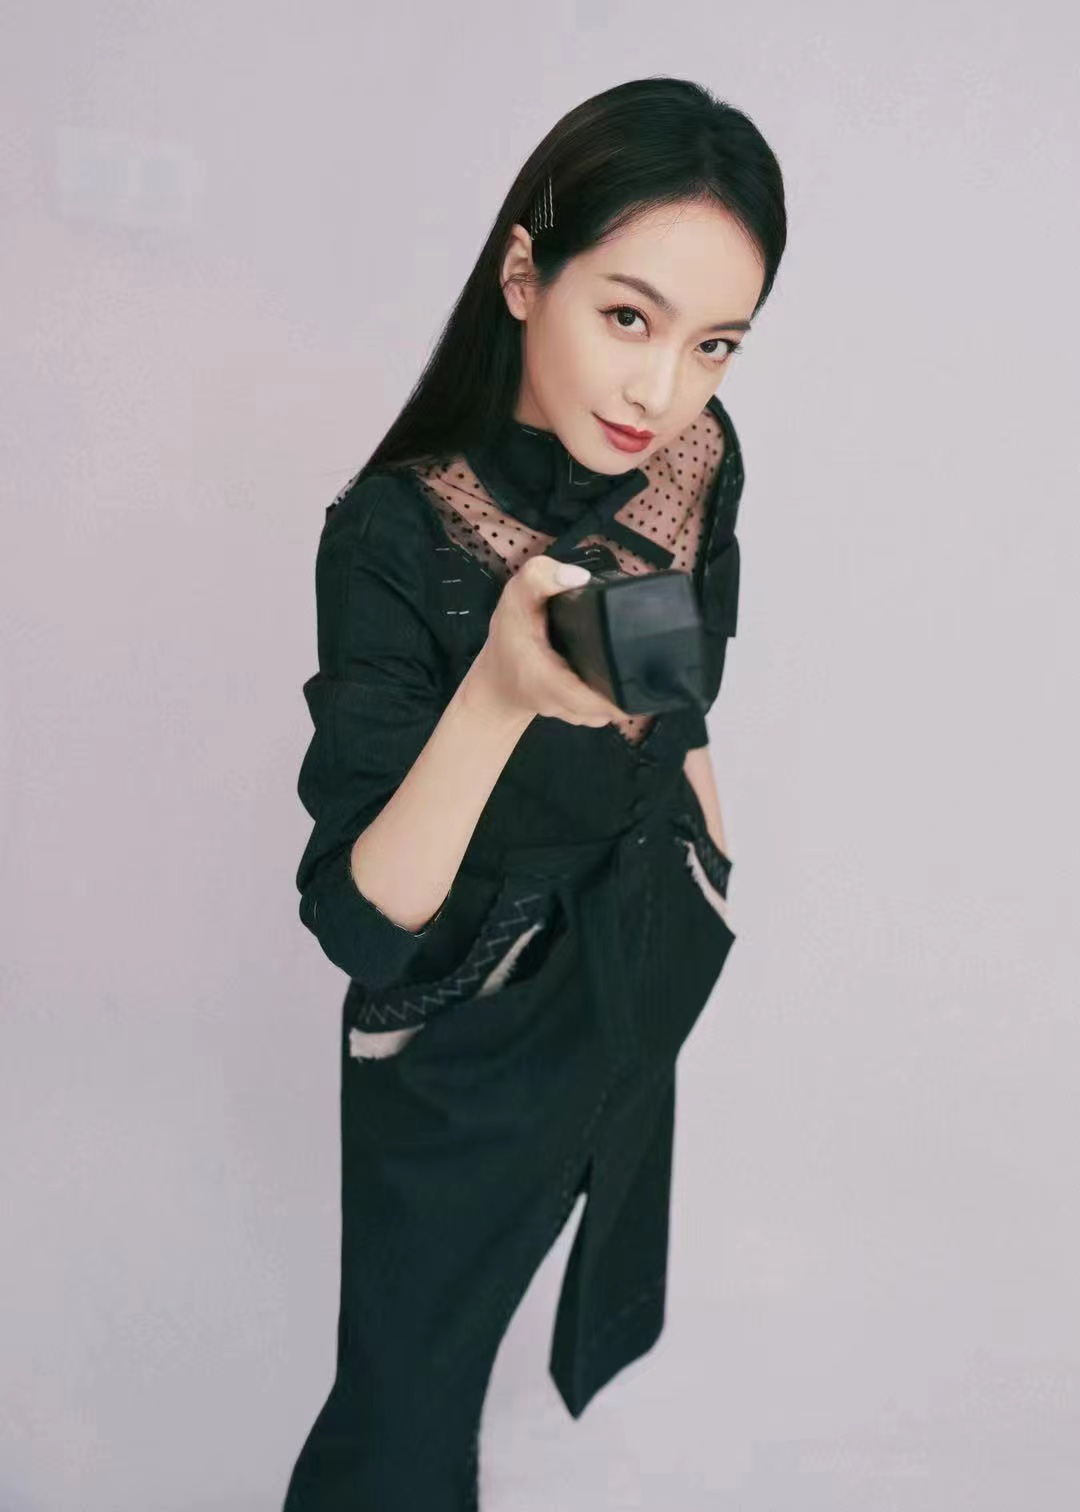 宋茜现身时尚展览活动 黑色构撕边裙彰显个性魅力